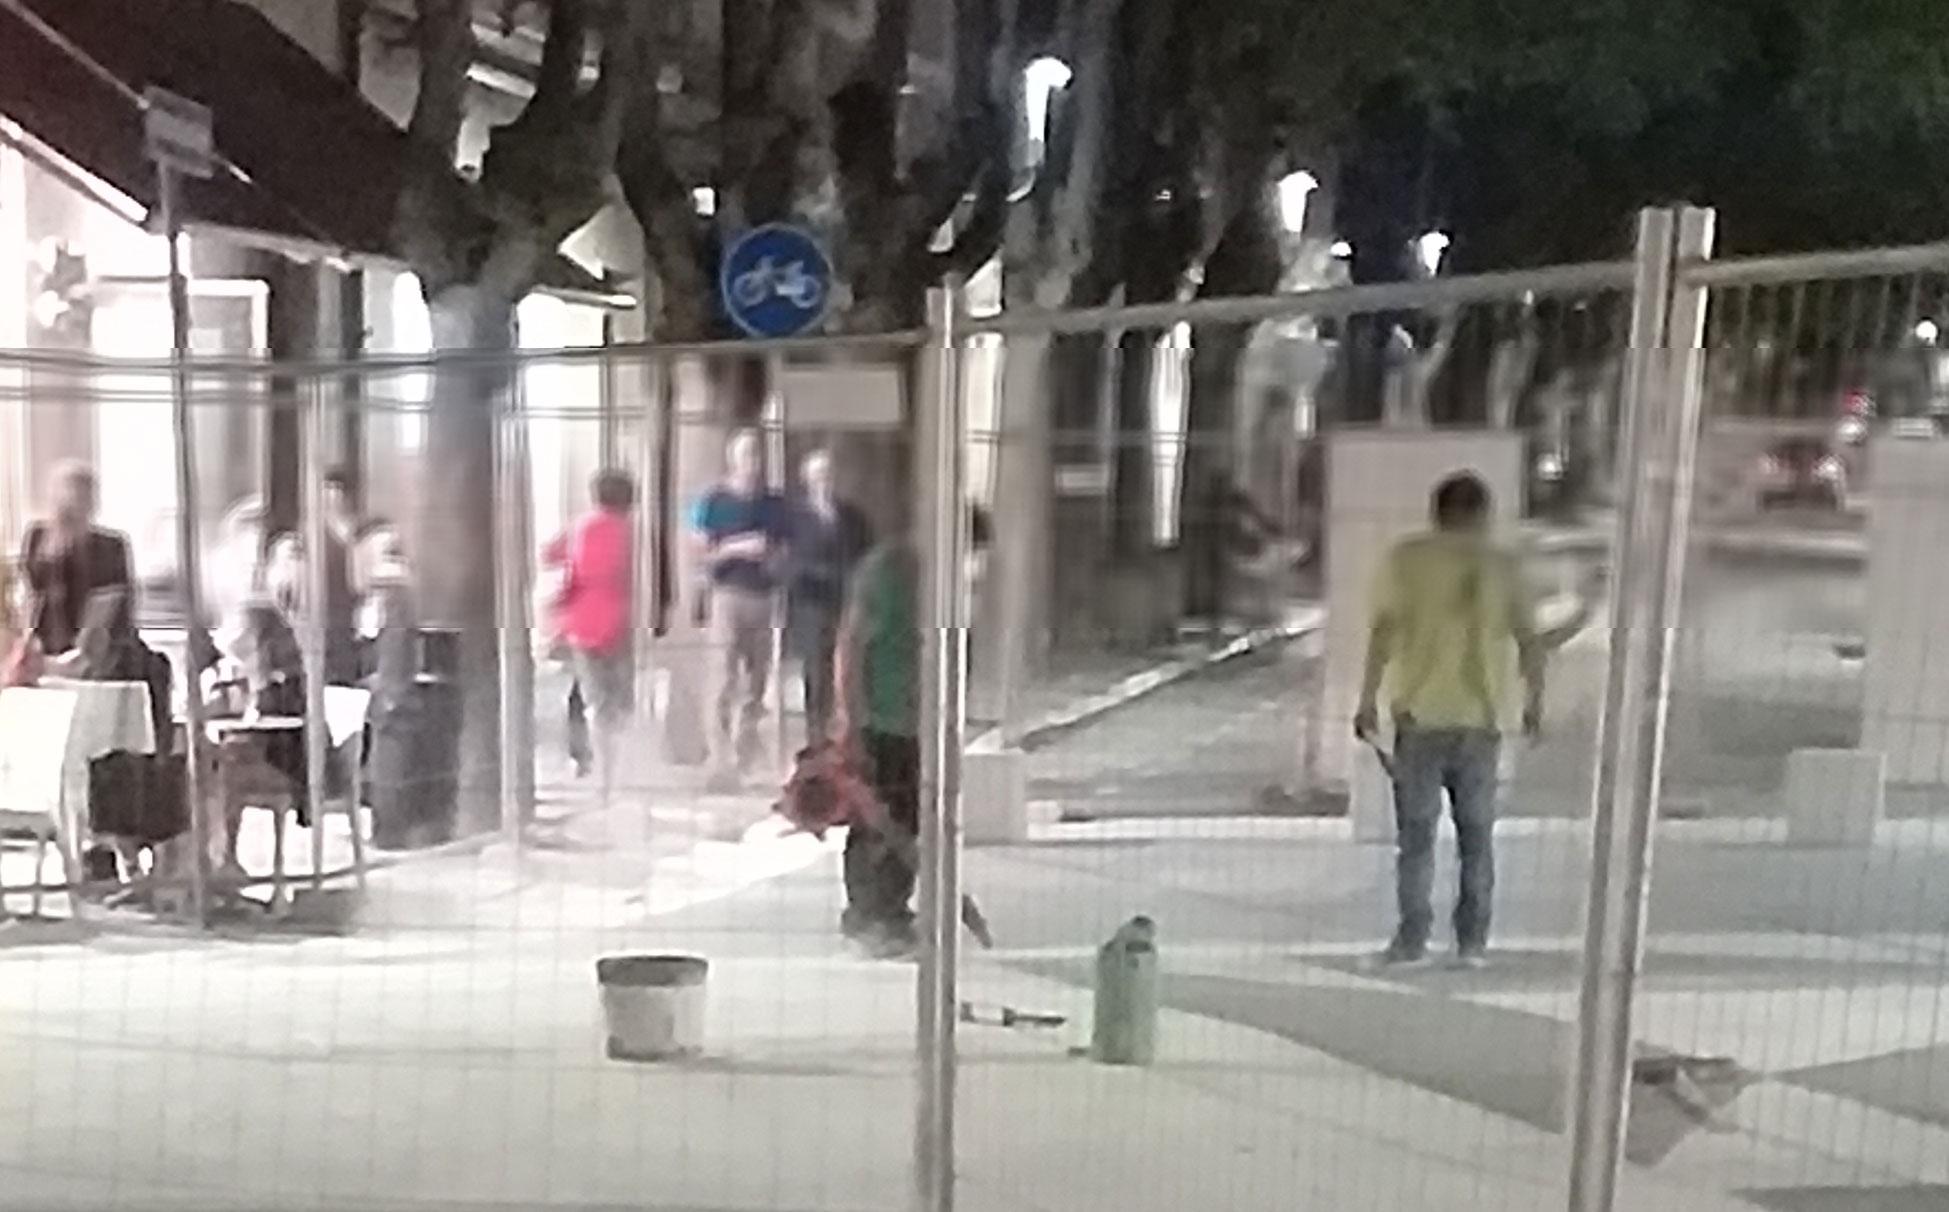 Nube di polvere in piazza Risorgimento, niente paura, operai a lavoro